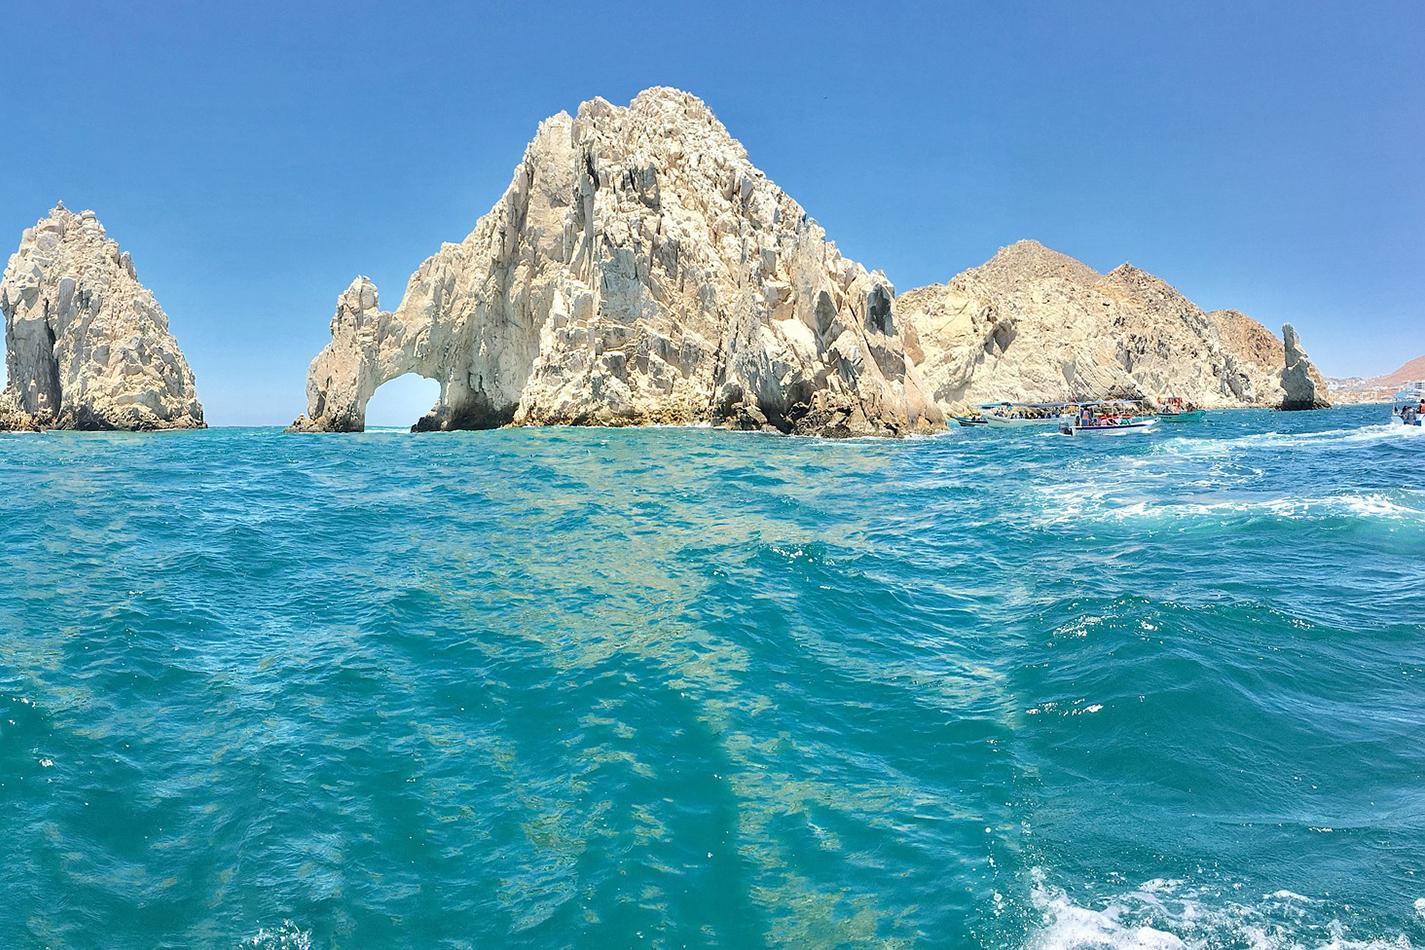 Sailndream : location de voiliers Mexique, location de bateaux Mexique, croisières cabine Mexique